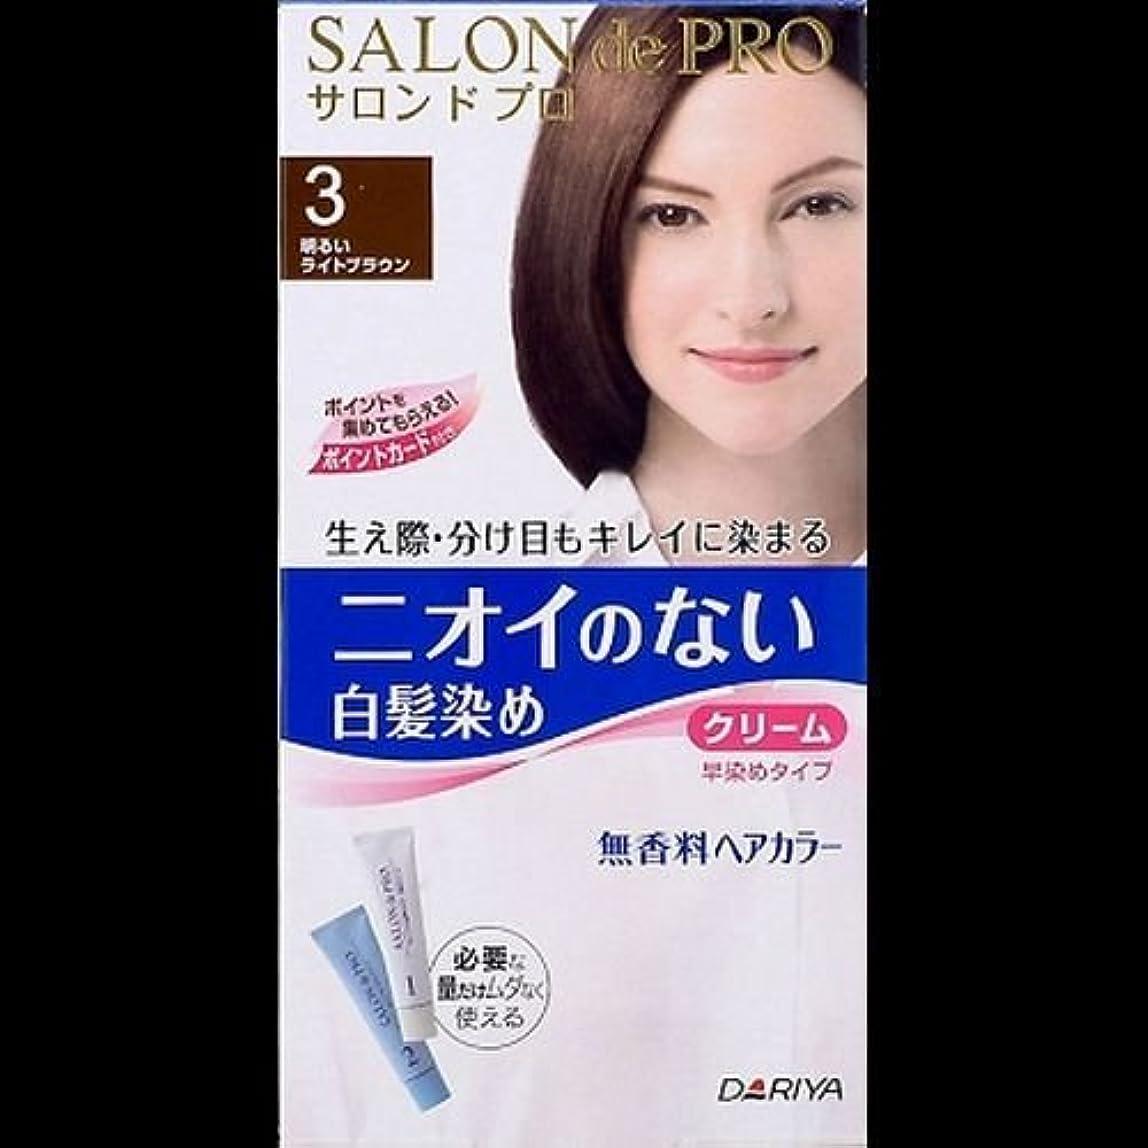 処分した雨乳【まとめ買い】サロンドプロ無香料ヘアカラー早染めクリーム3(明るいライトブラウン) ×2セット